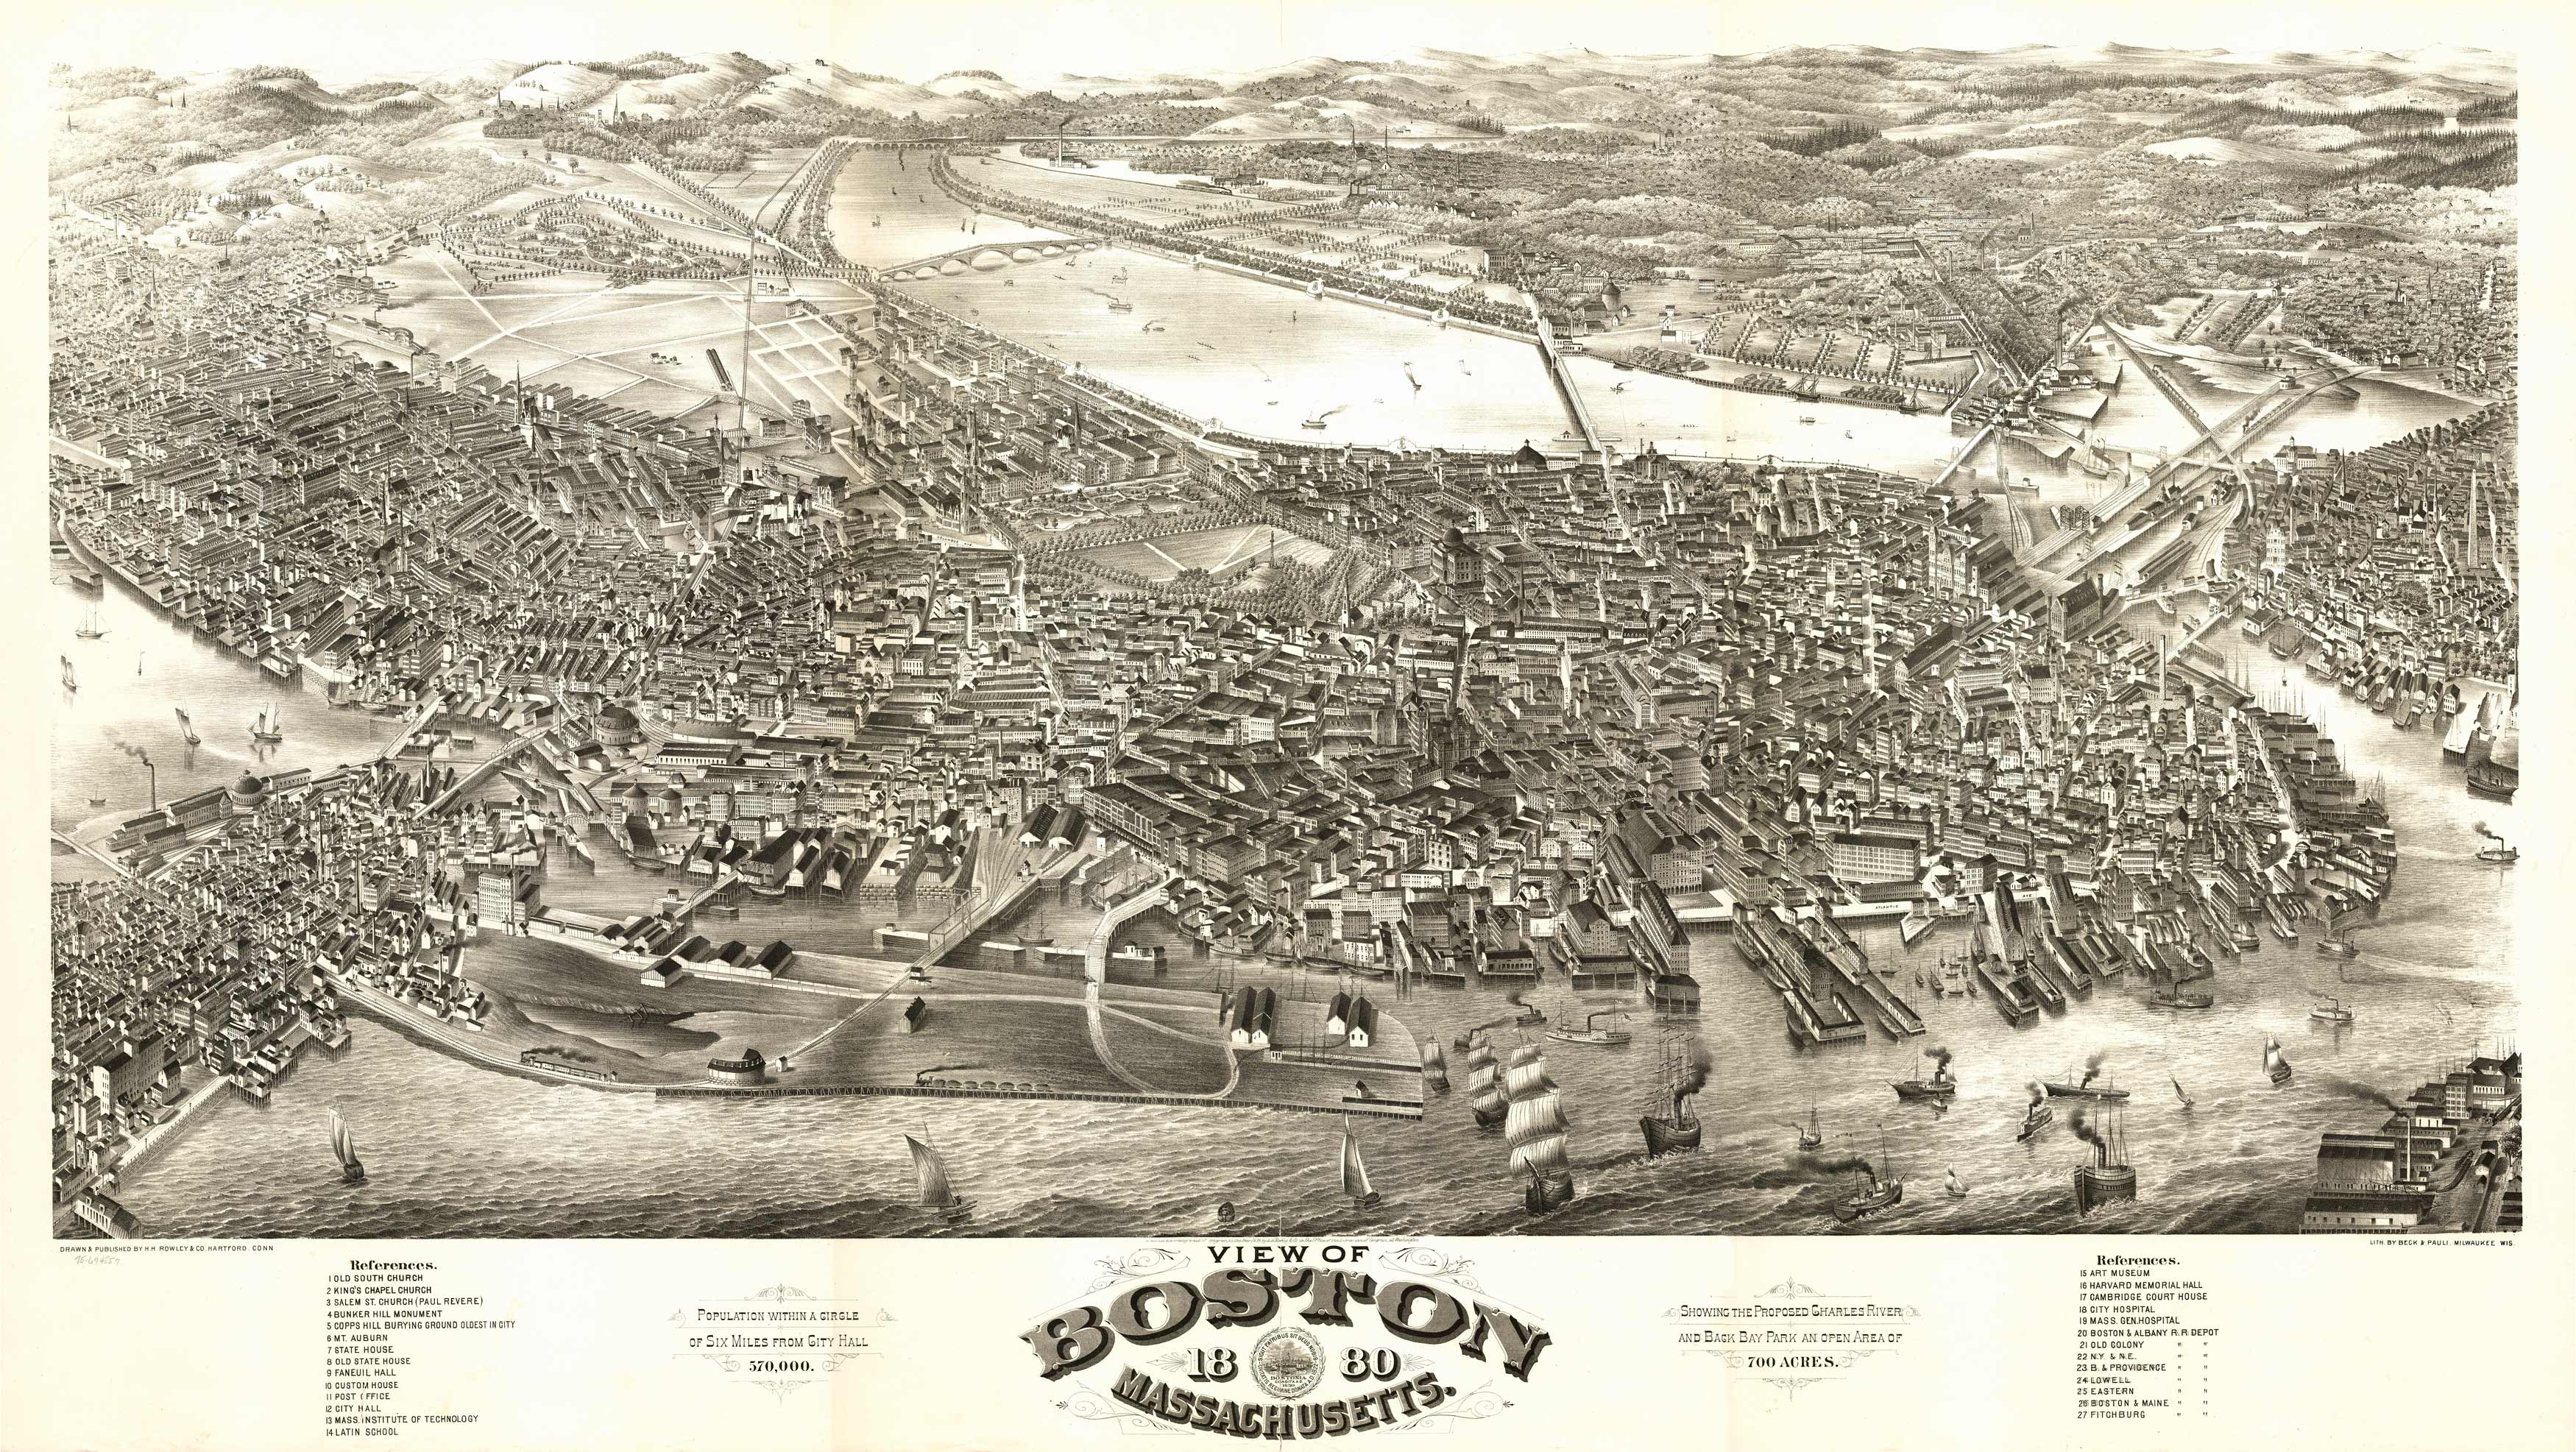 Boston Massachusetts: 1880